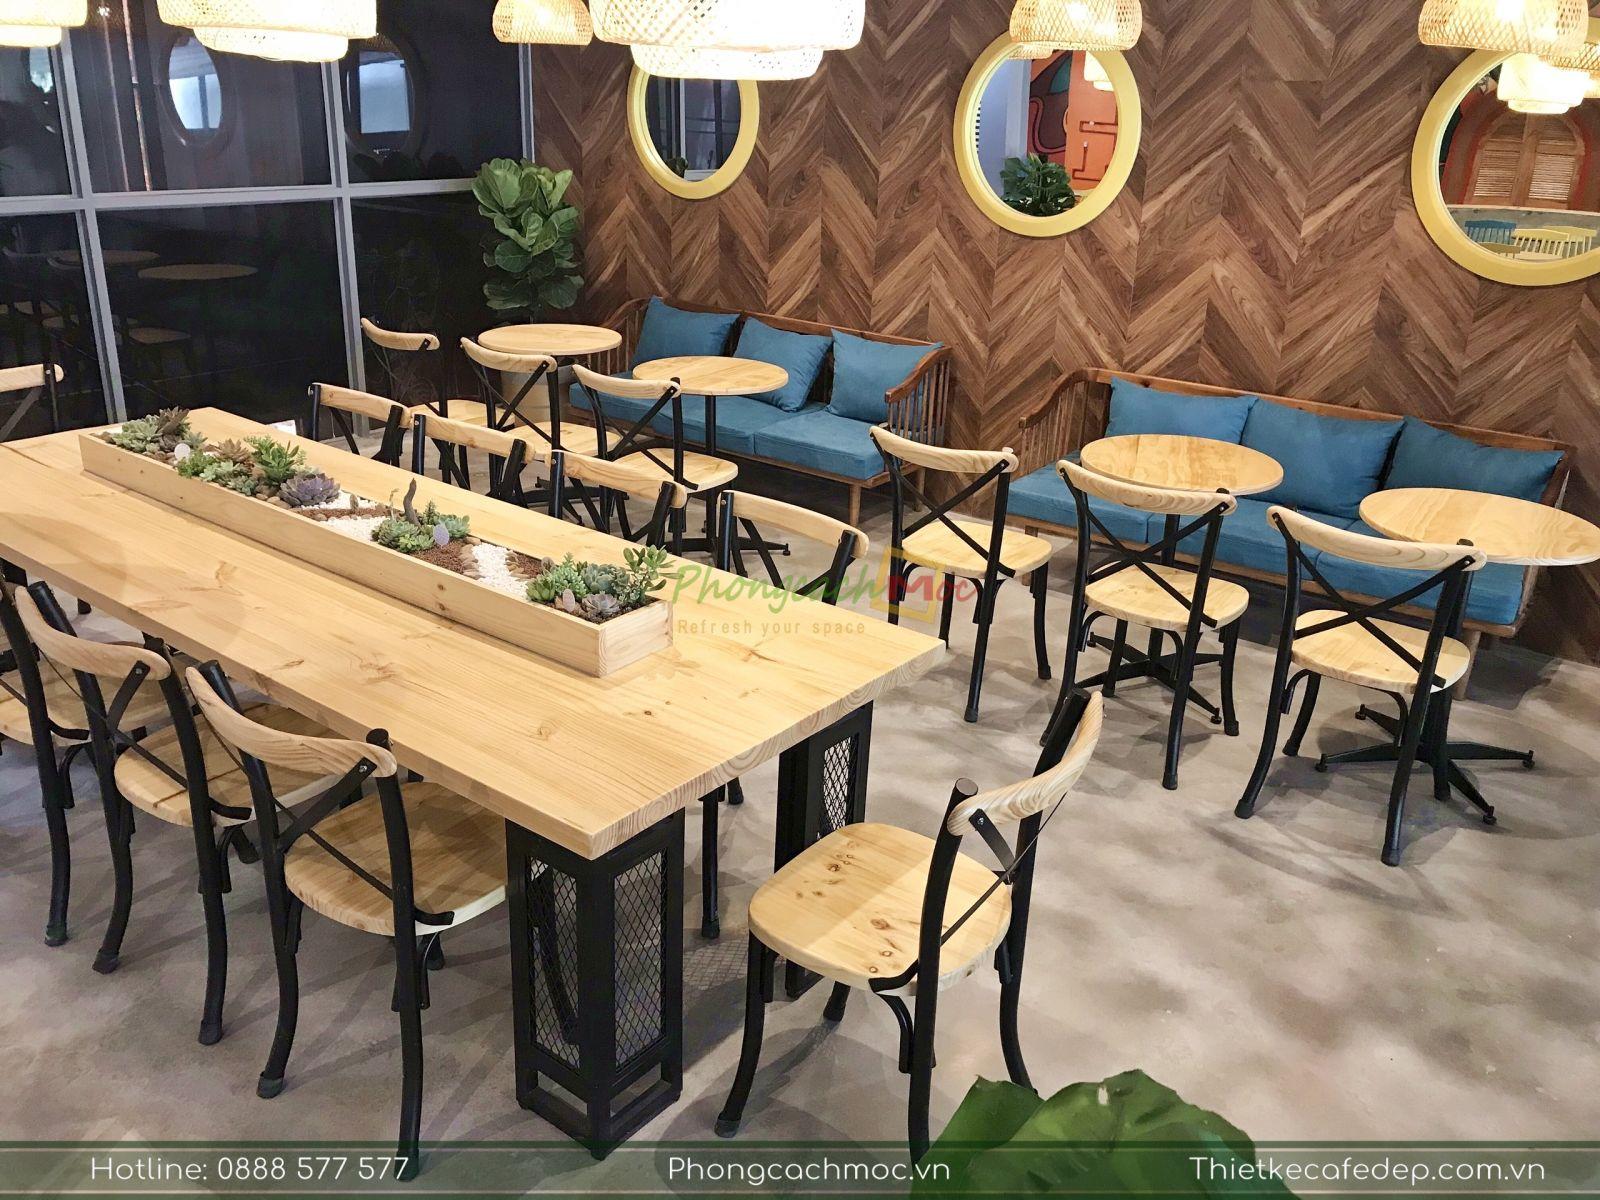 noi-that-quan-cafe-samhouse-coffee-binh-duong-19